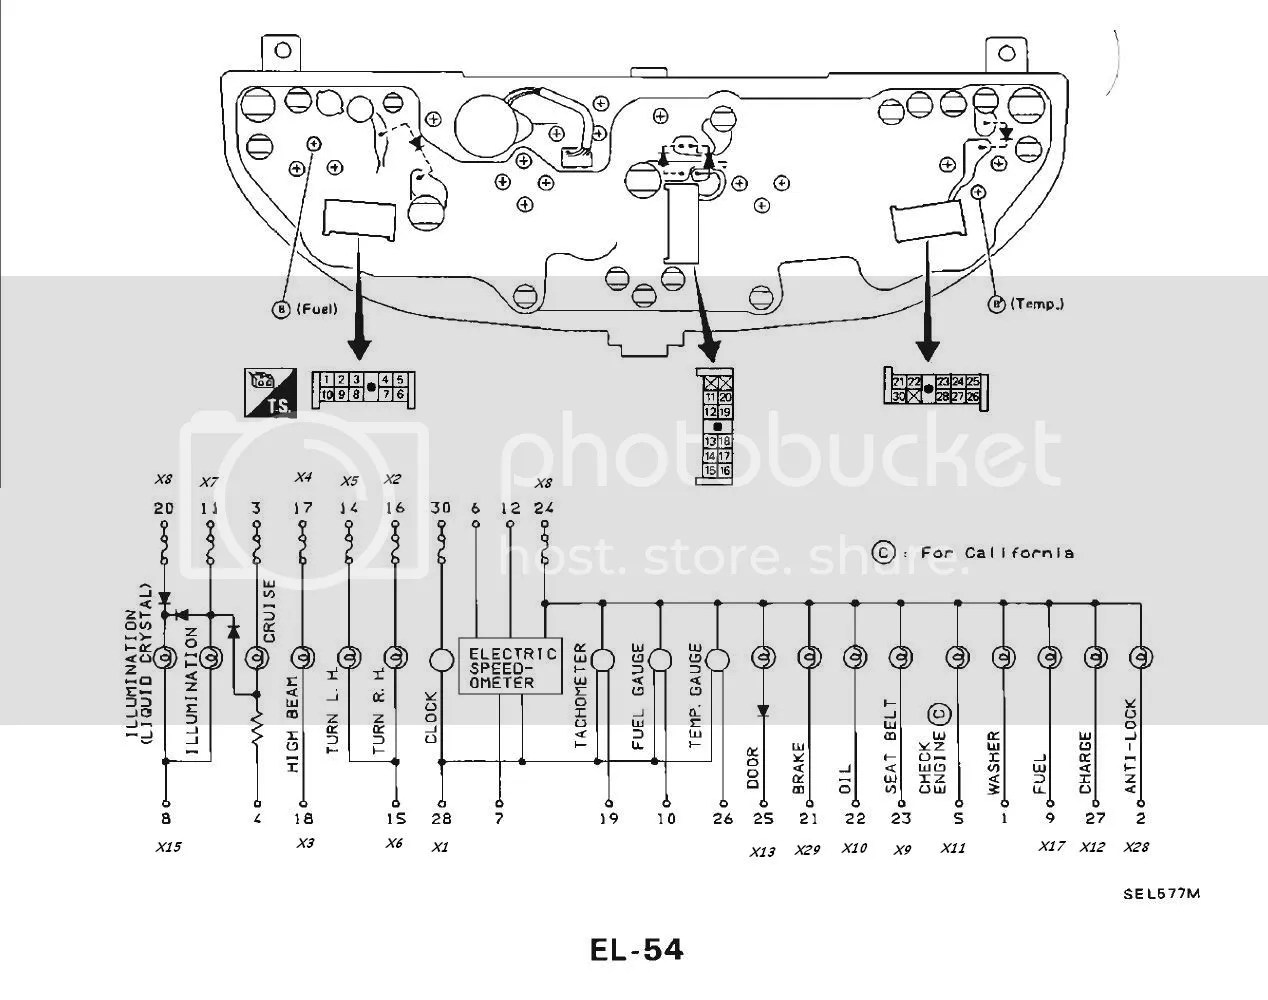 nissan wingroad wiring diagram schematics diagram nissan ignition key nissan y11 wiring diagram auto electrical wiring diagram nissan d21 wiring diagram nissan wingroad wiring diagram